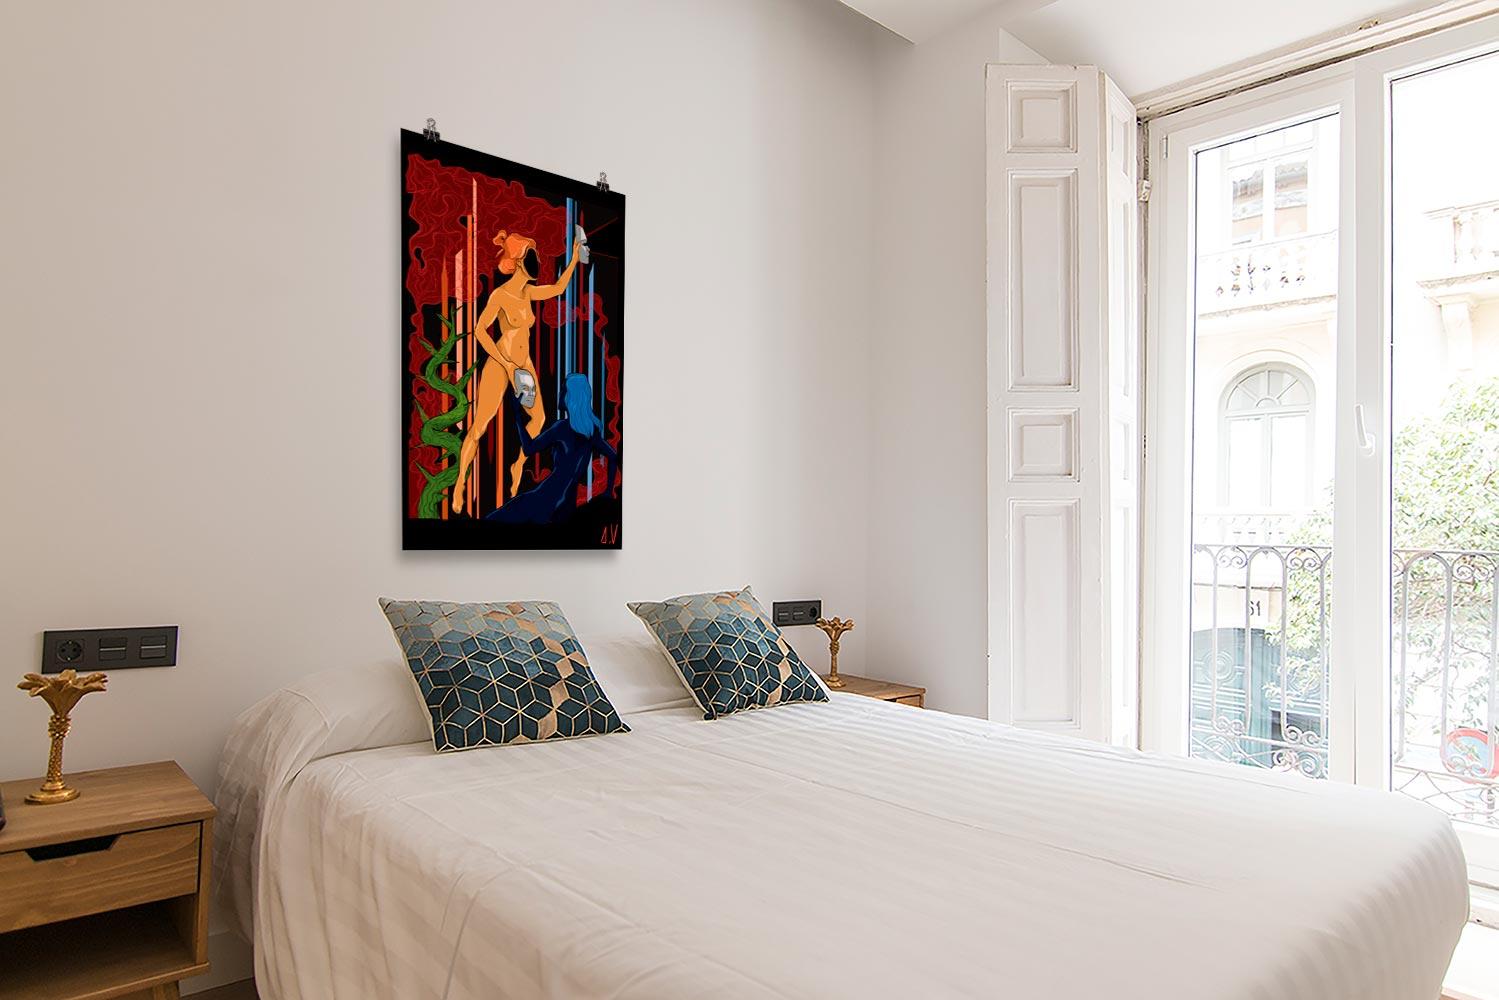 Reproducción de arte en lámina - dormitorio con balcón - La Visión de Géminis - Diseño Digital - Zodiaco - Ilustración -pintado por Aida Valdayo